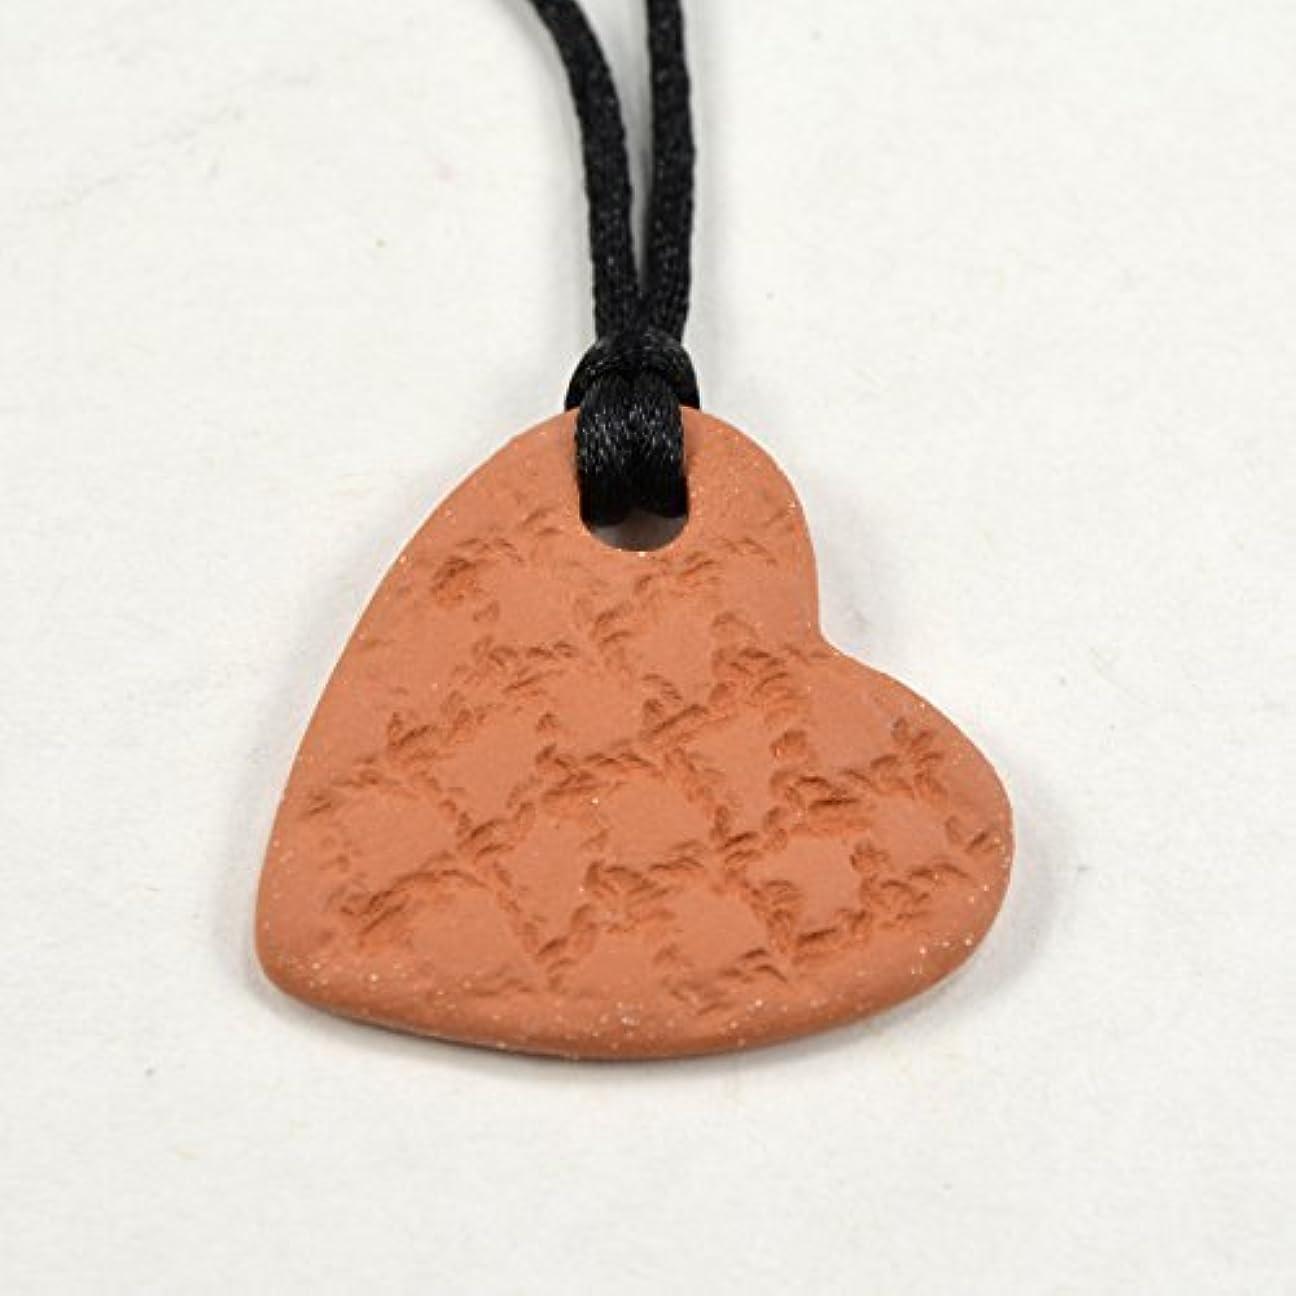 パキスタンプレゼン磁気Heart Essential Oil Diffuser Necklace Aromatherapy Pendant with Adjustable Sliding Knot Cord [並行輸入品]